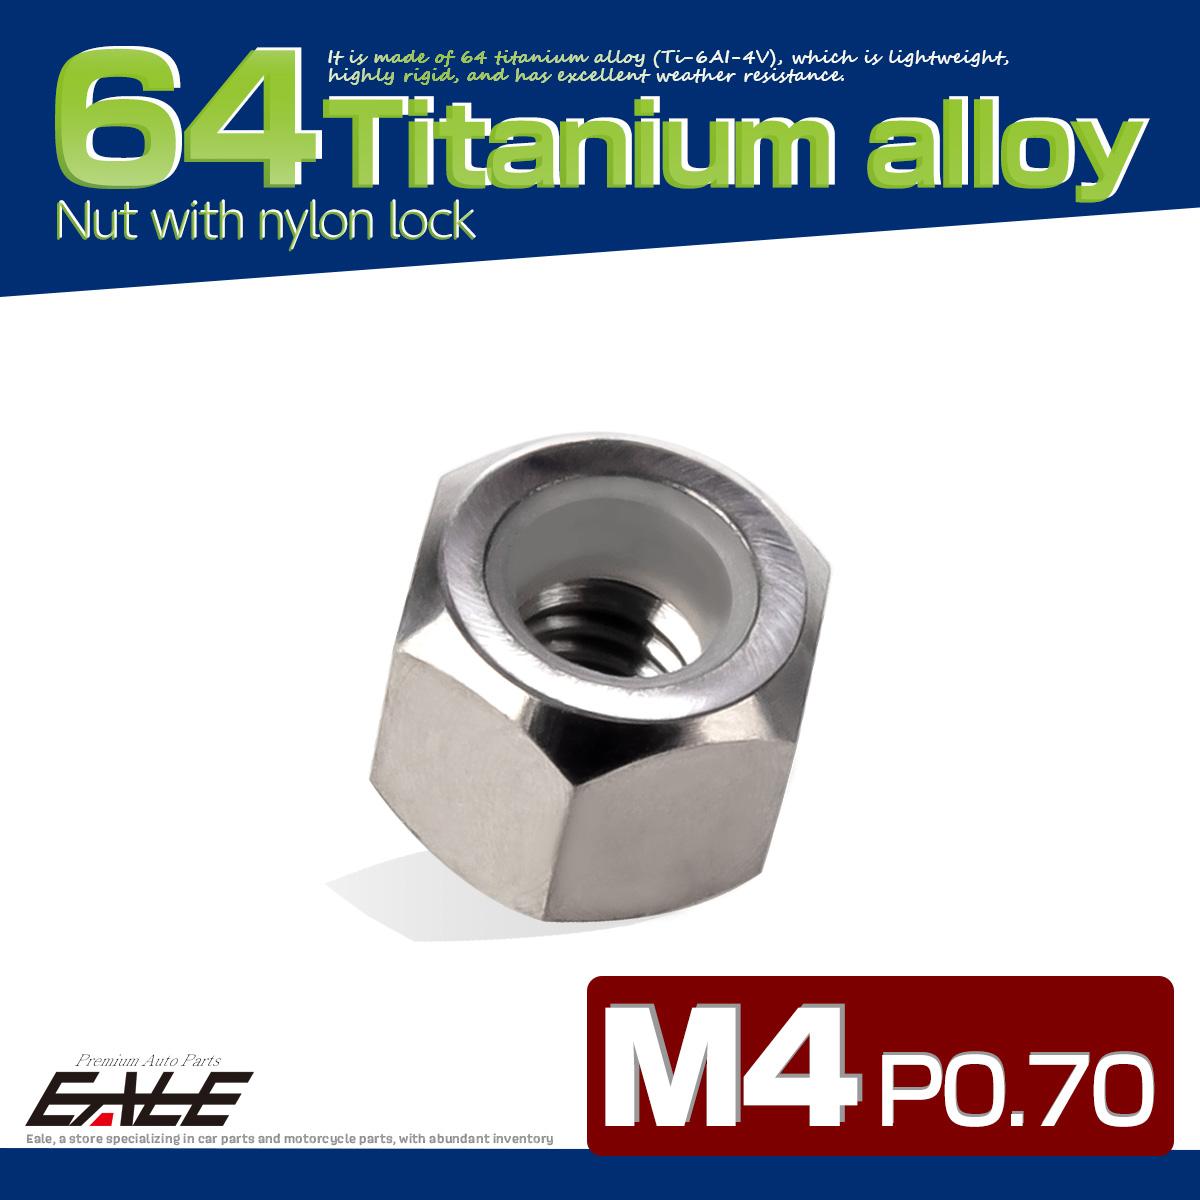 【ネコポス可】 M4 P0.7 64チタン ナイロンナット ゆるみ防止ナット 六角ナット シルバー JA826